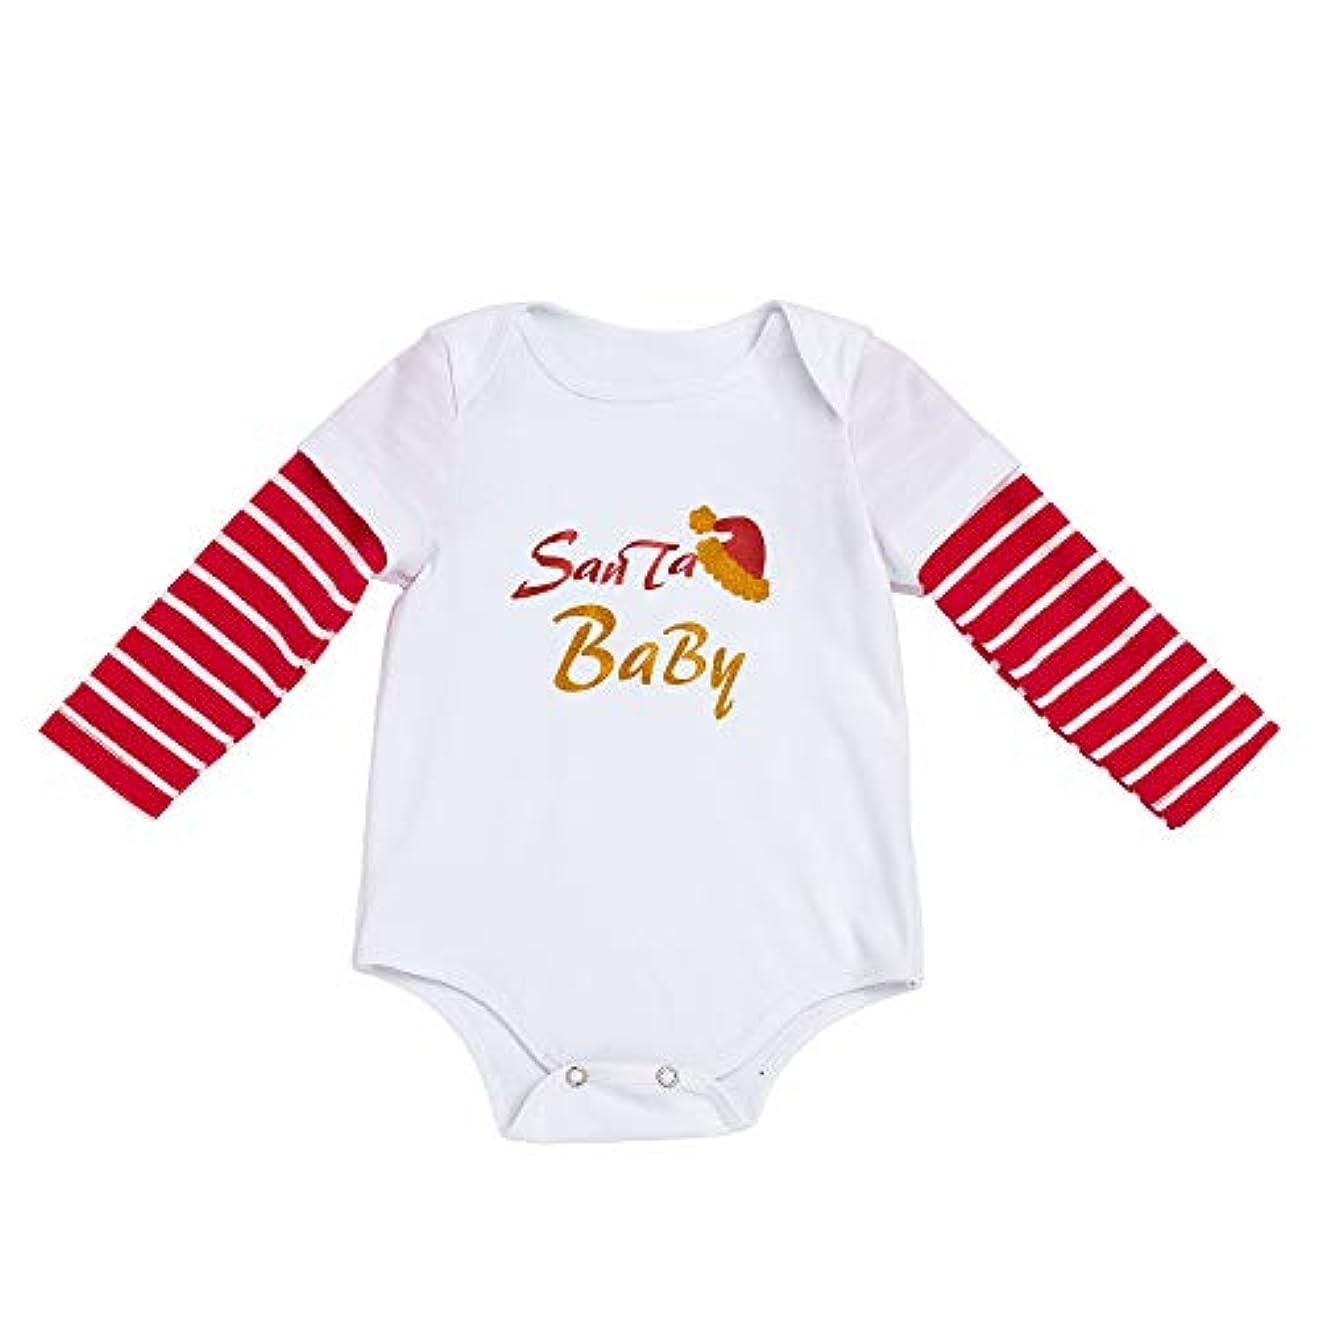 放つセラフサンダース(プタス) Putars 赤ちゃん幼児の女の子ロングスリーブクリスマスコスチュームロンパースの服装+ヘッドバンド 3 ヶ月-18 ヶ月